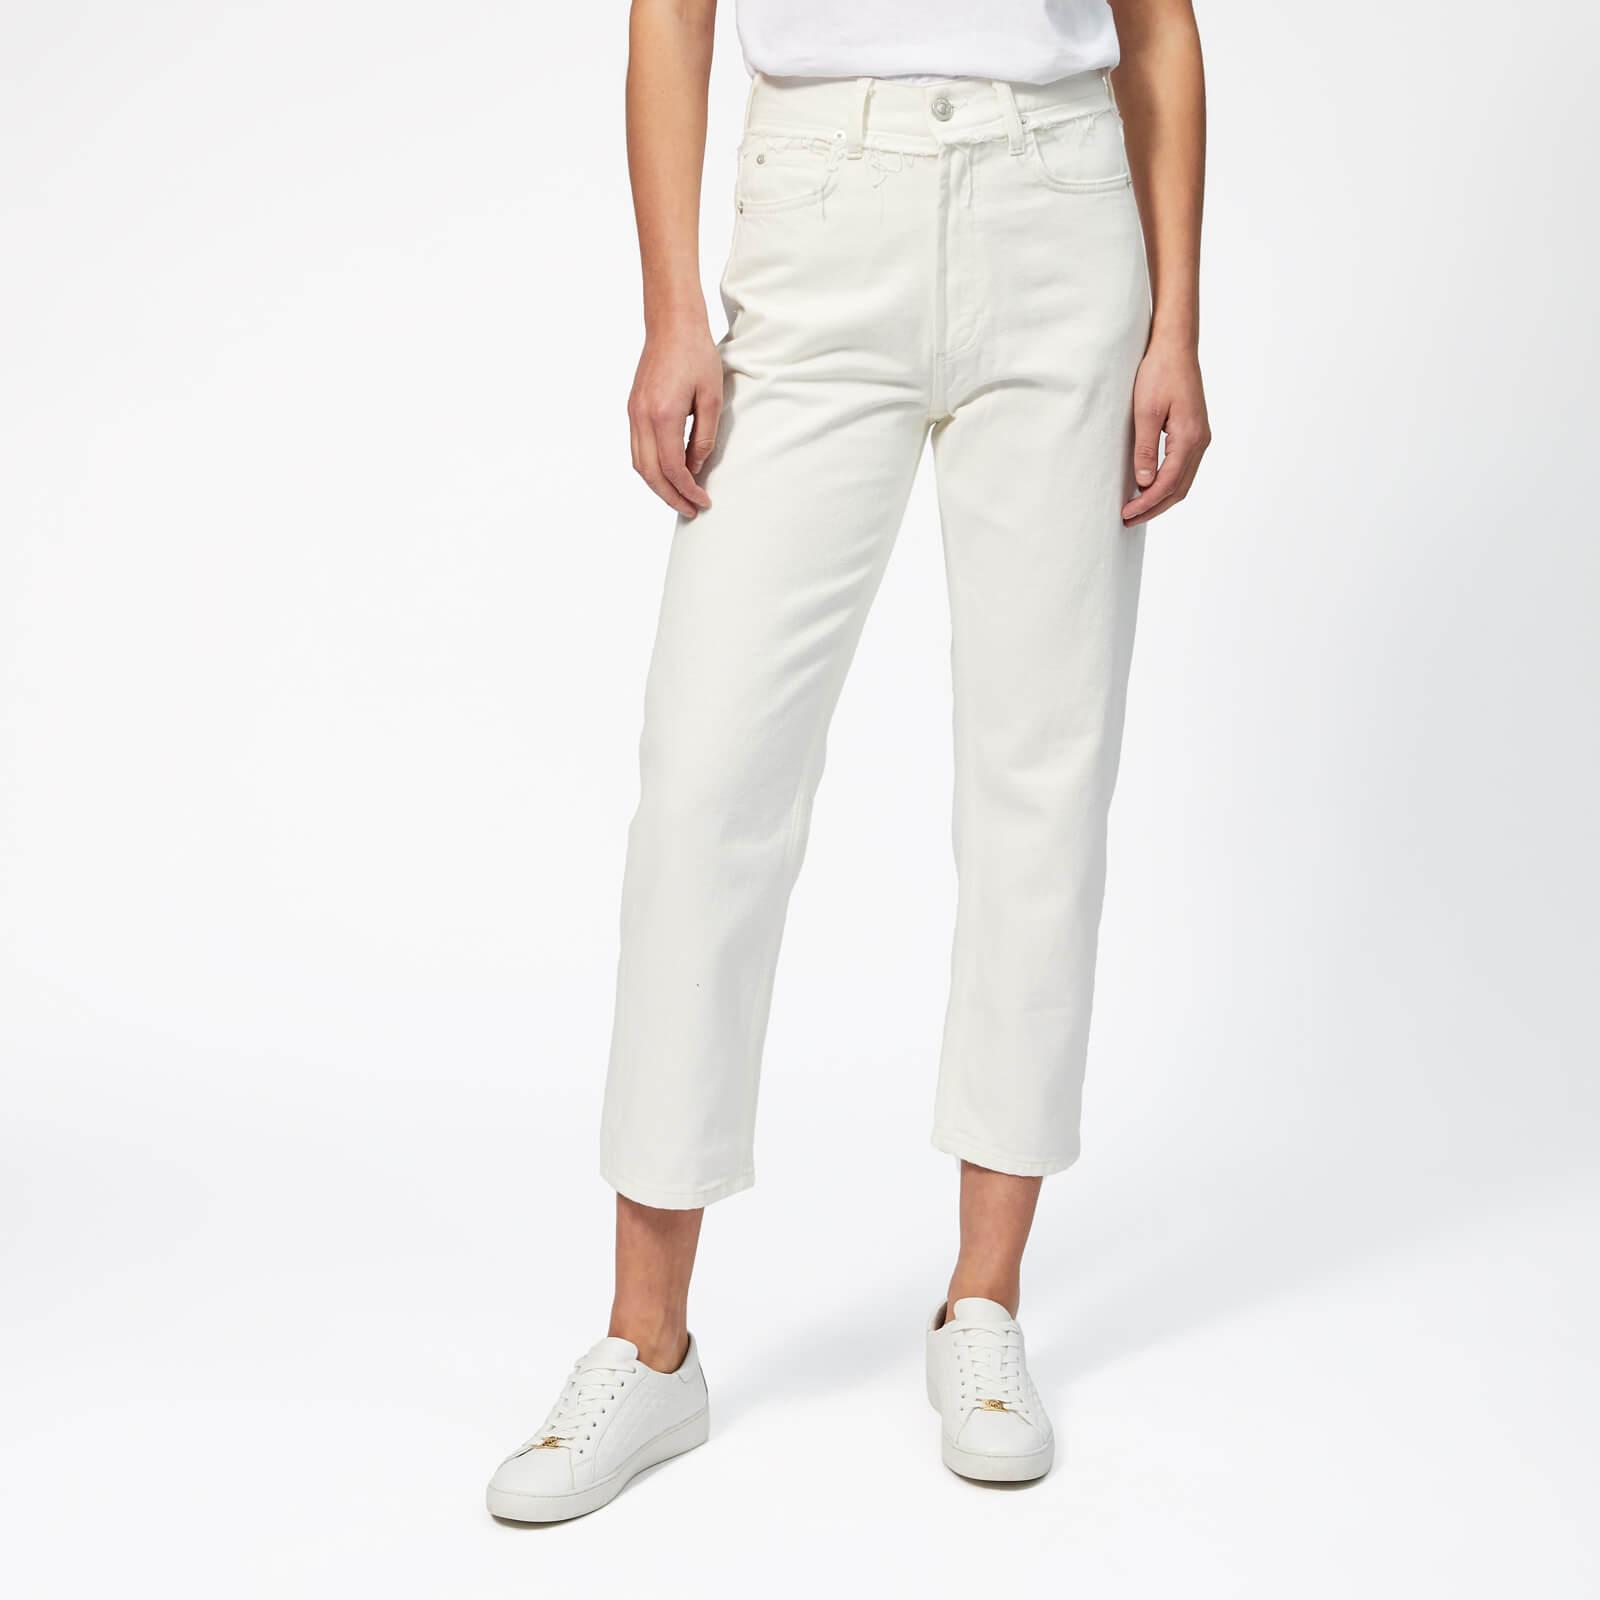 Whistles Women's Hollie Straight Leg Jeans - White - W30 - White